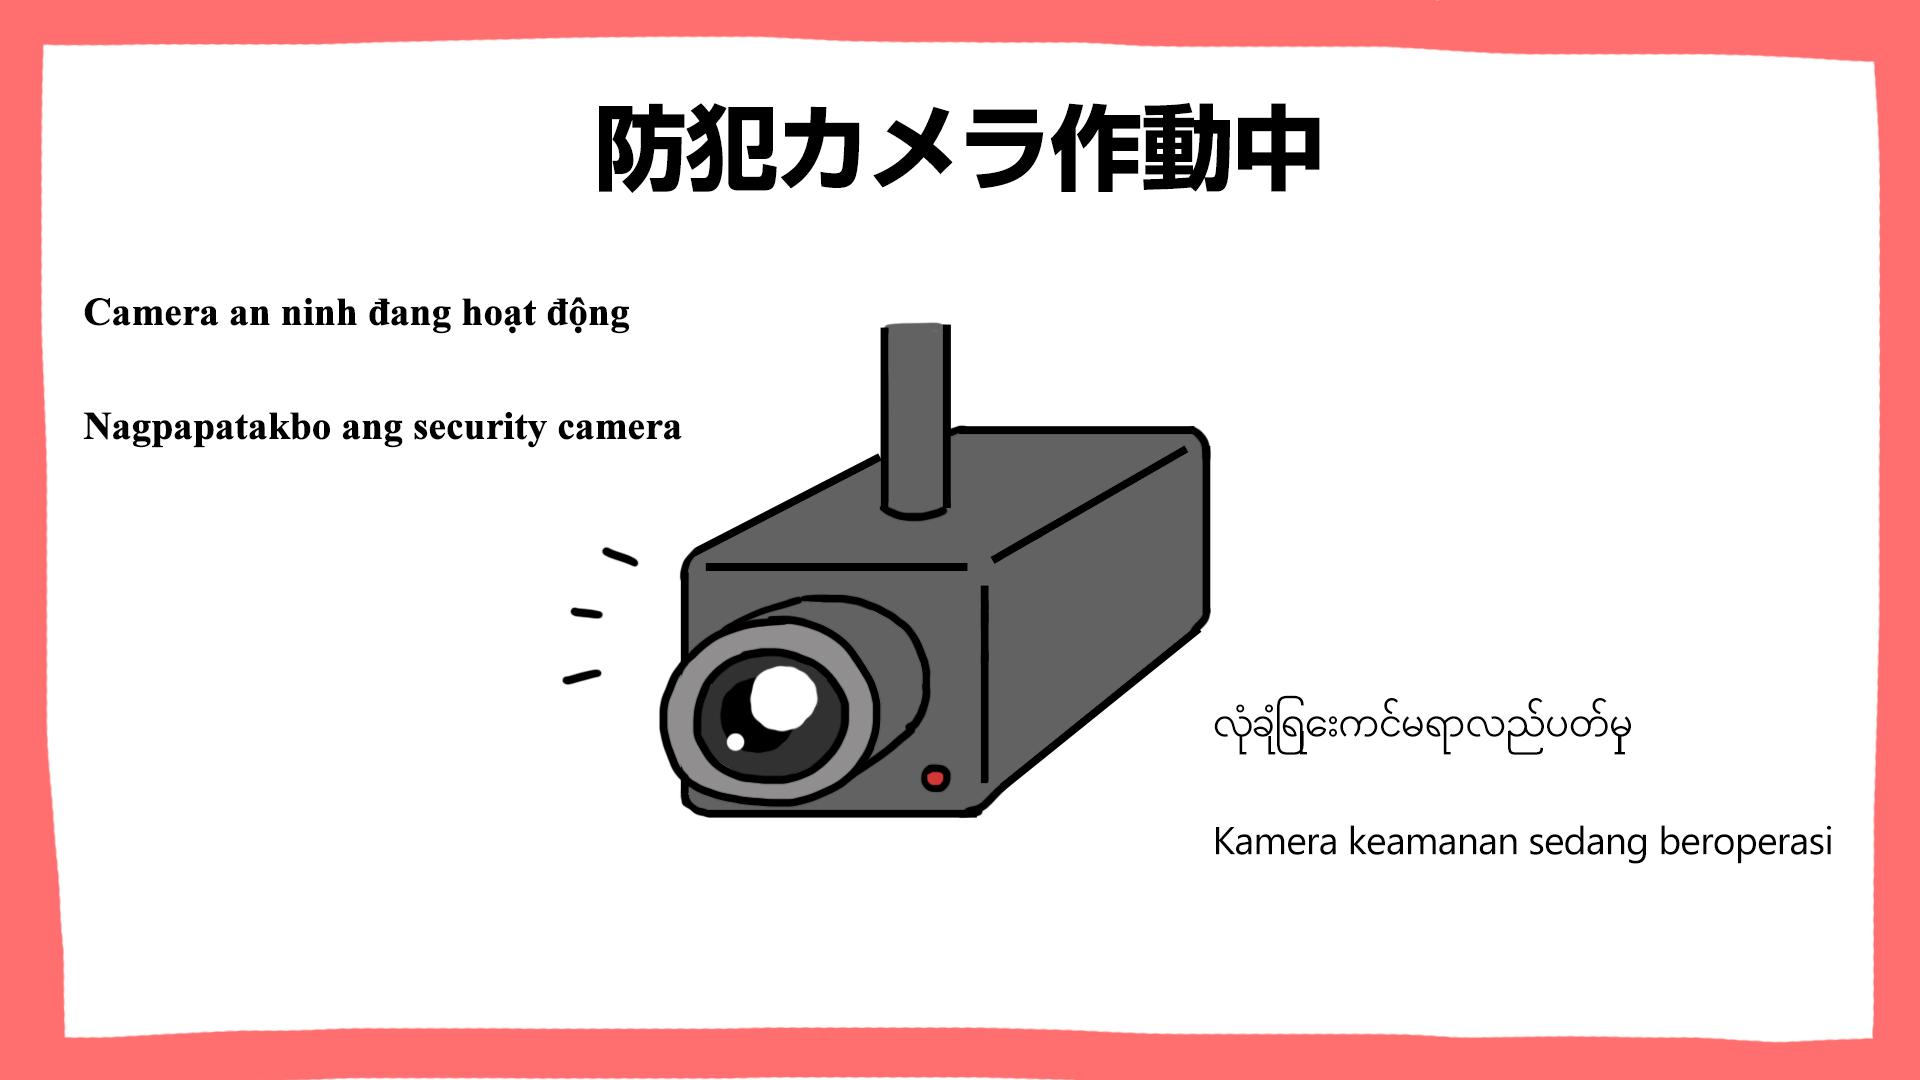 防犯カメラ作動中・建設現場の安全ポスター